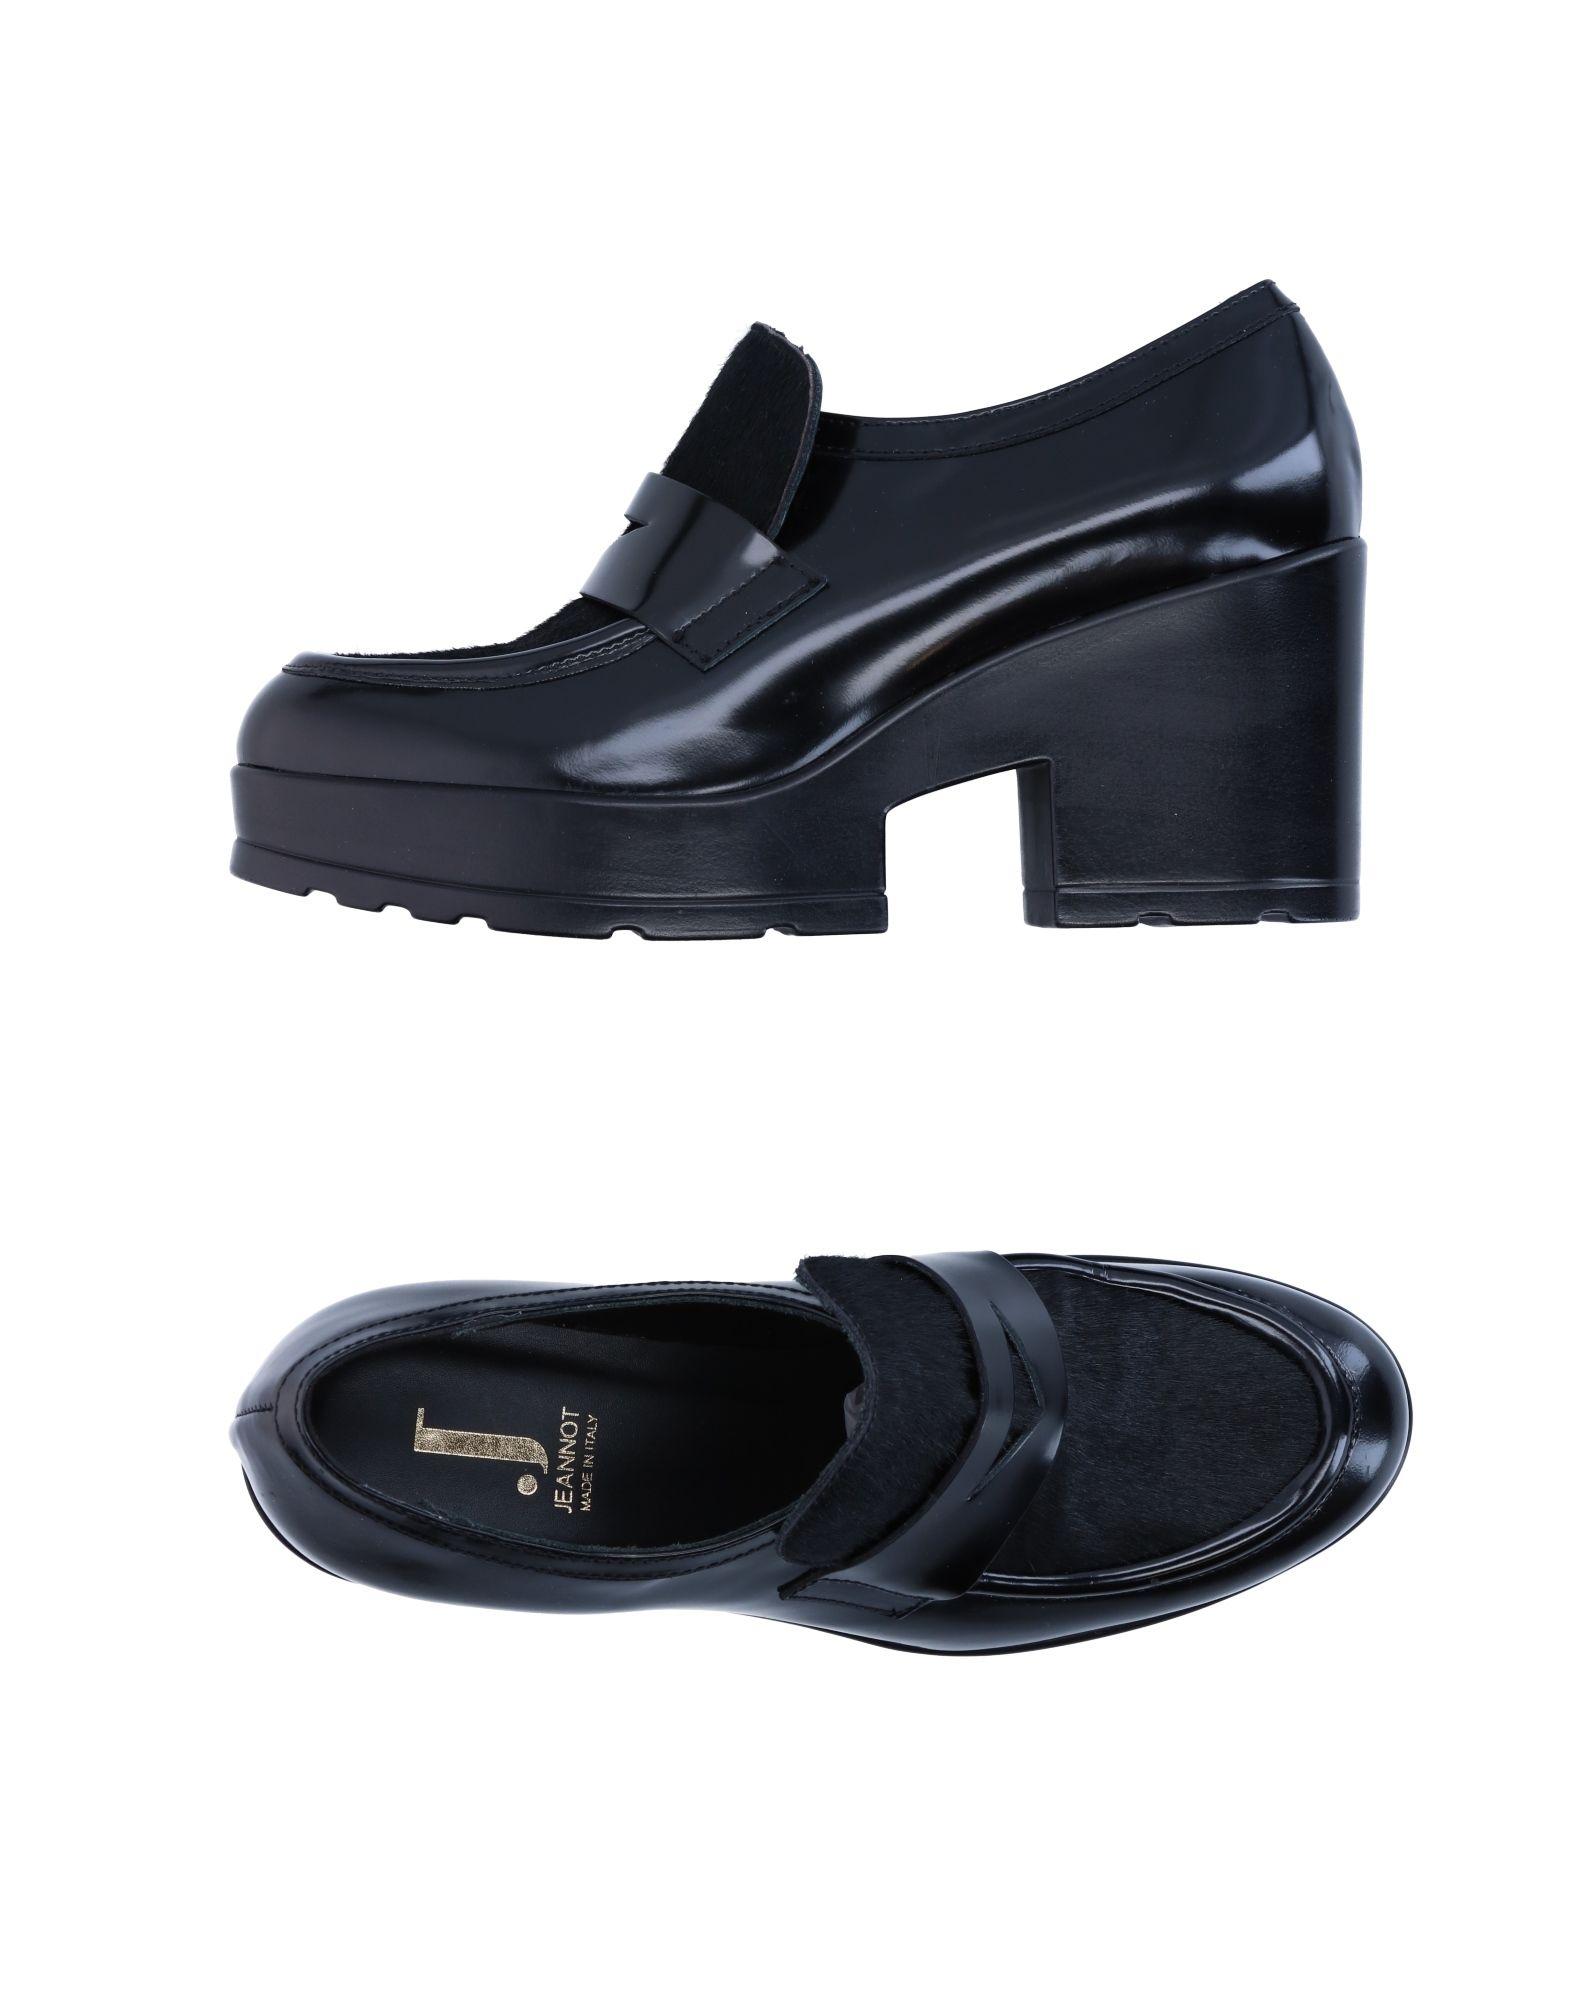 Jeannot Mokassins Damen  11270242WB Gute Qualität beliebte Schuhe